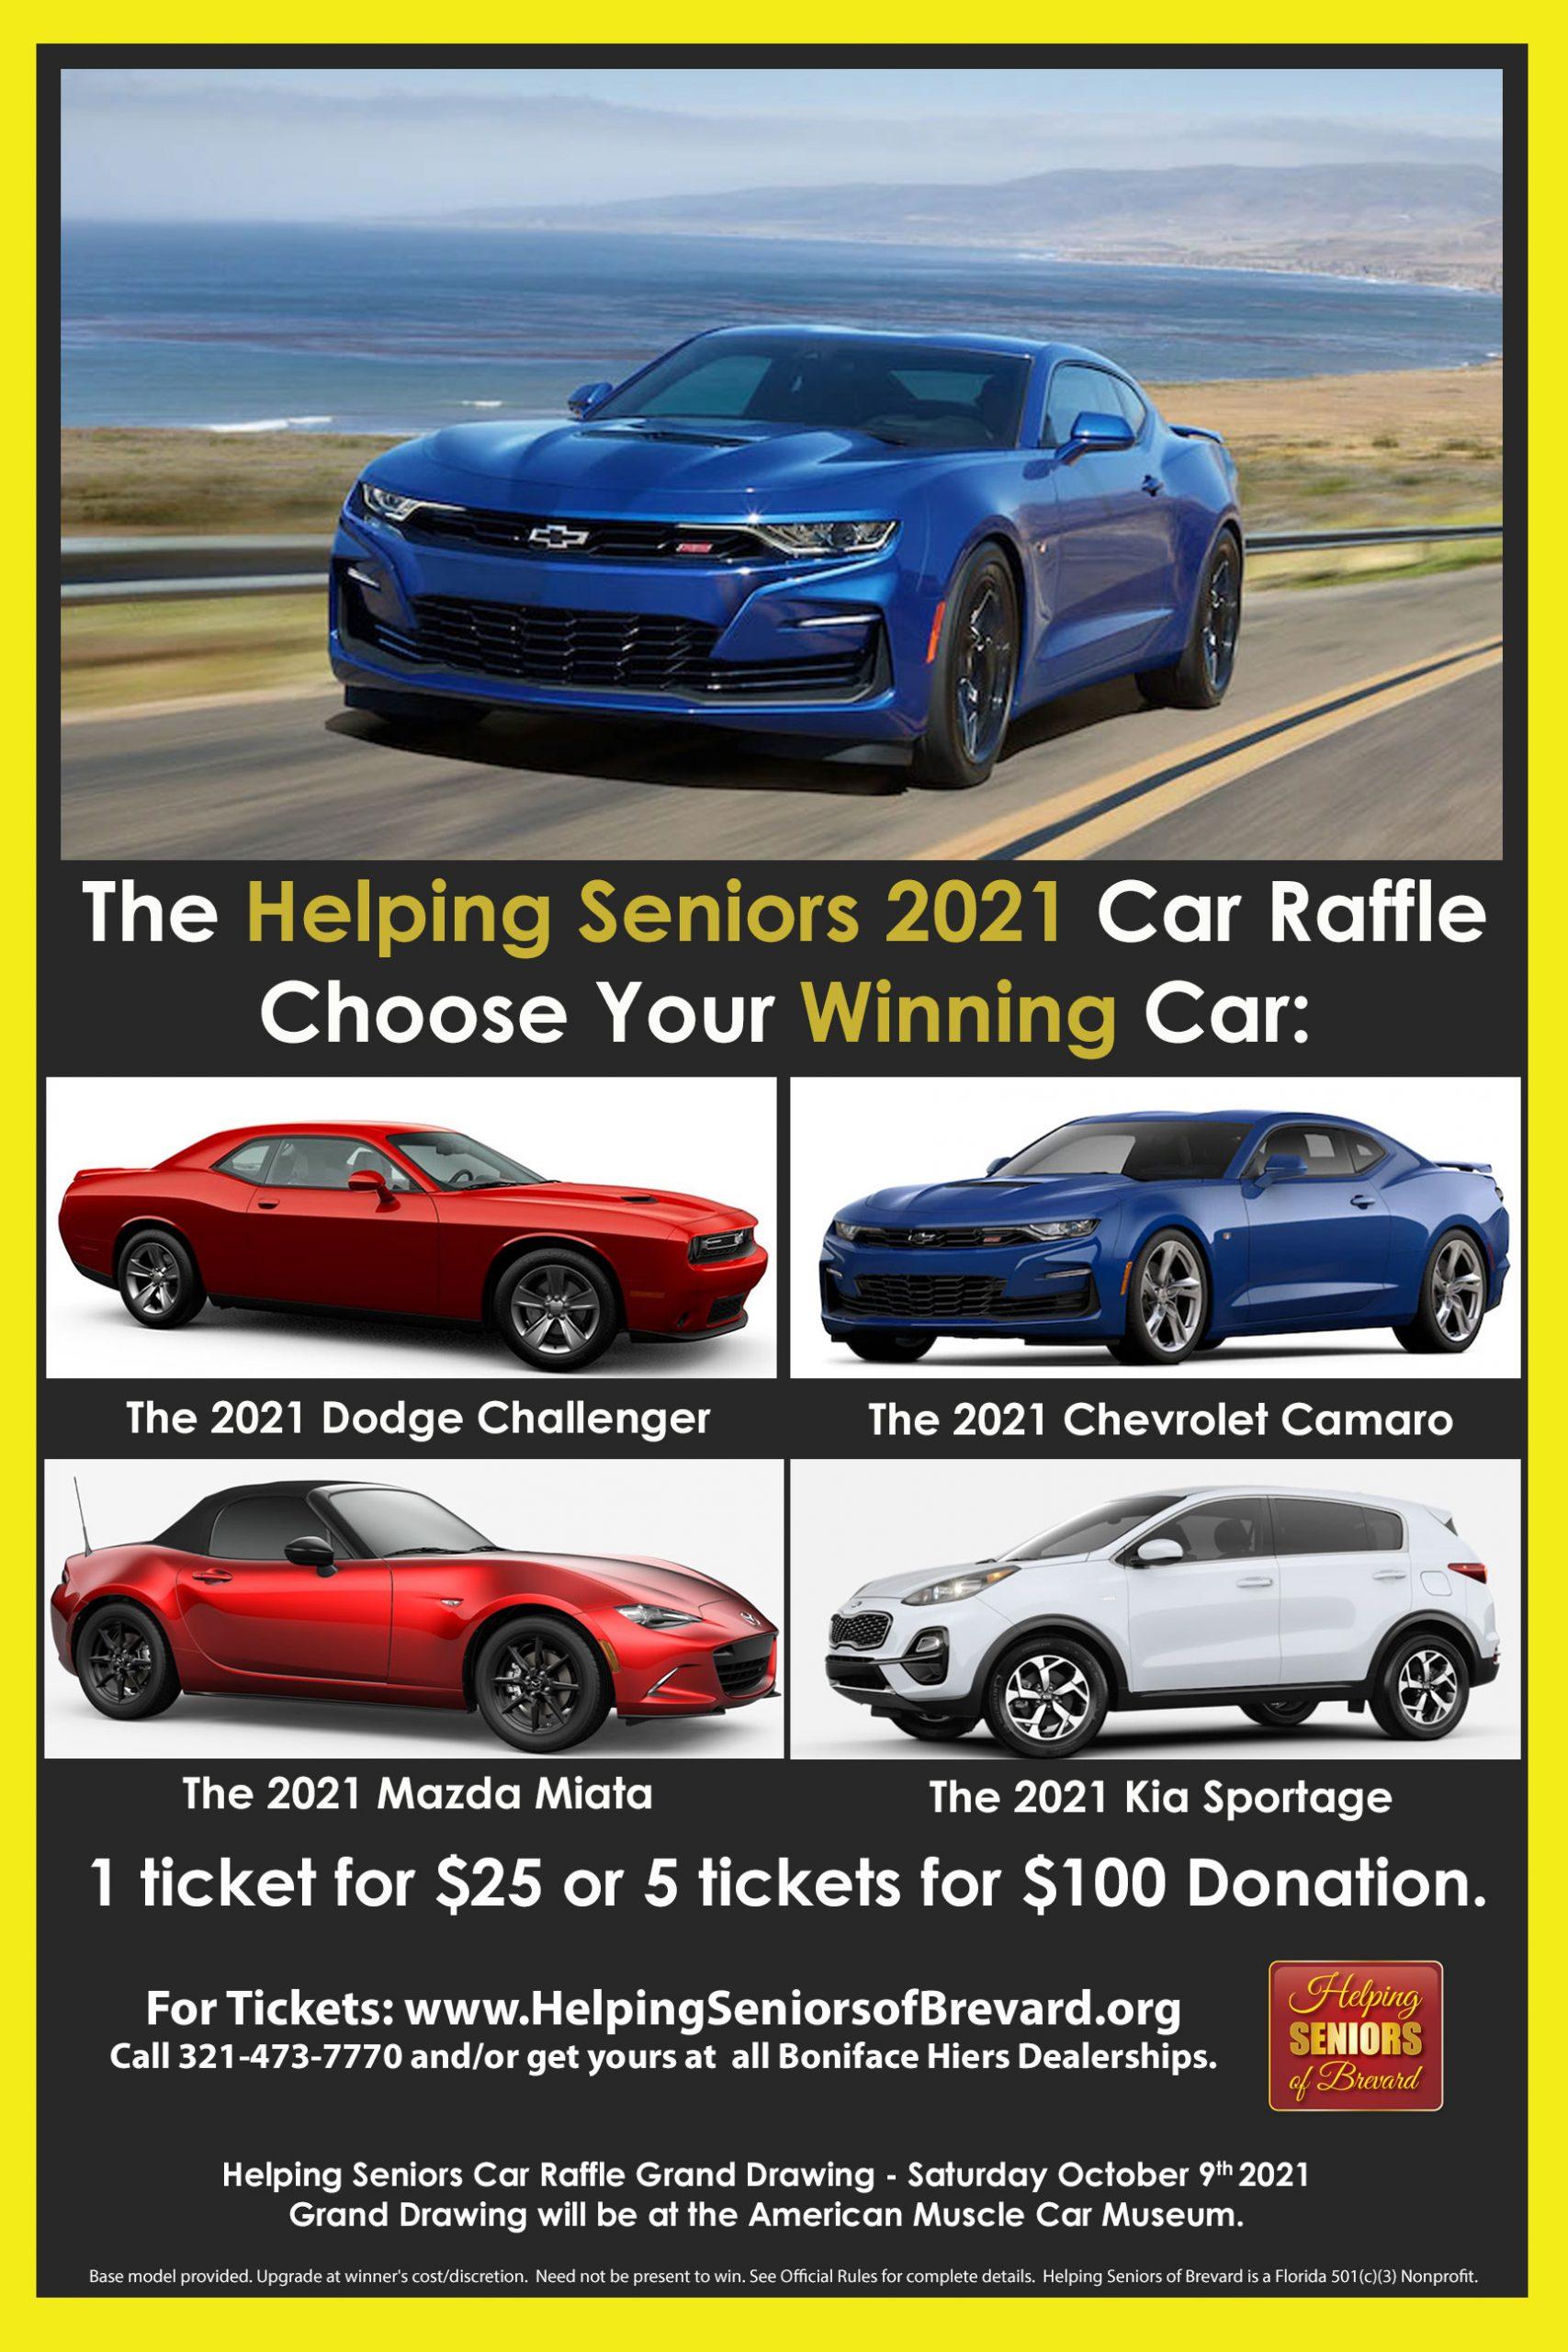 Helping Senior Car Raffle